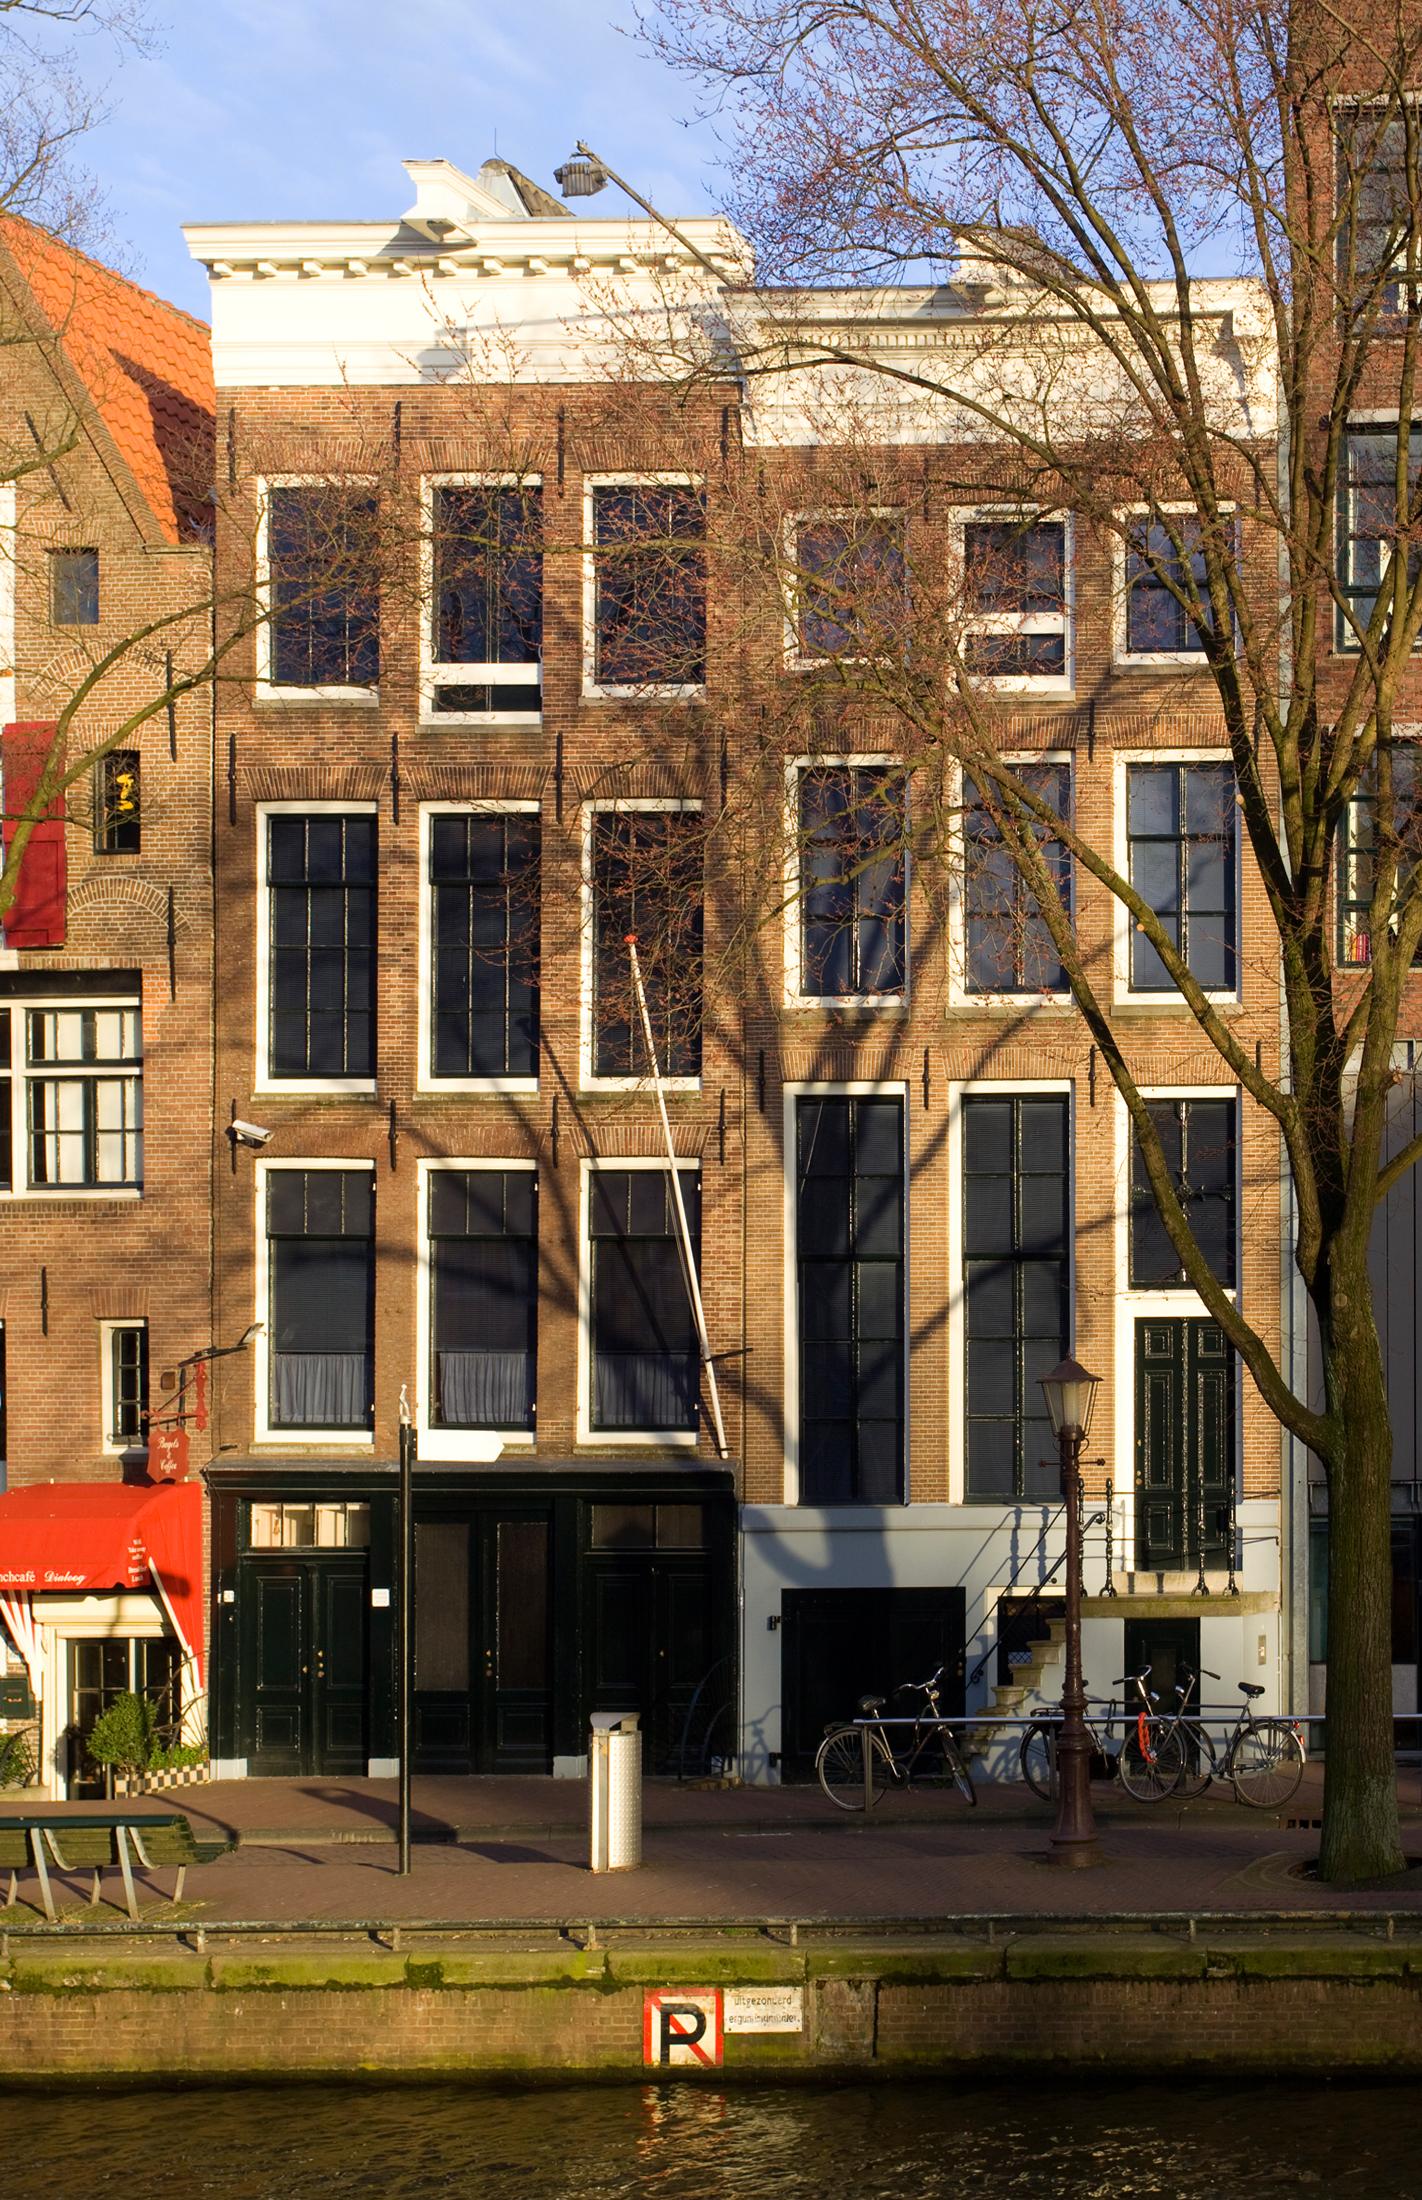 Anne-Frank-Haus an der Prinsengracht in Amsterdam im März 2009 - Foto von Massimo Catarinella